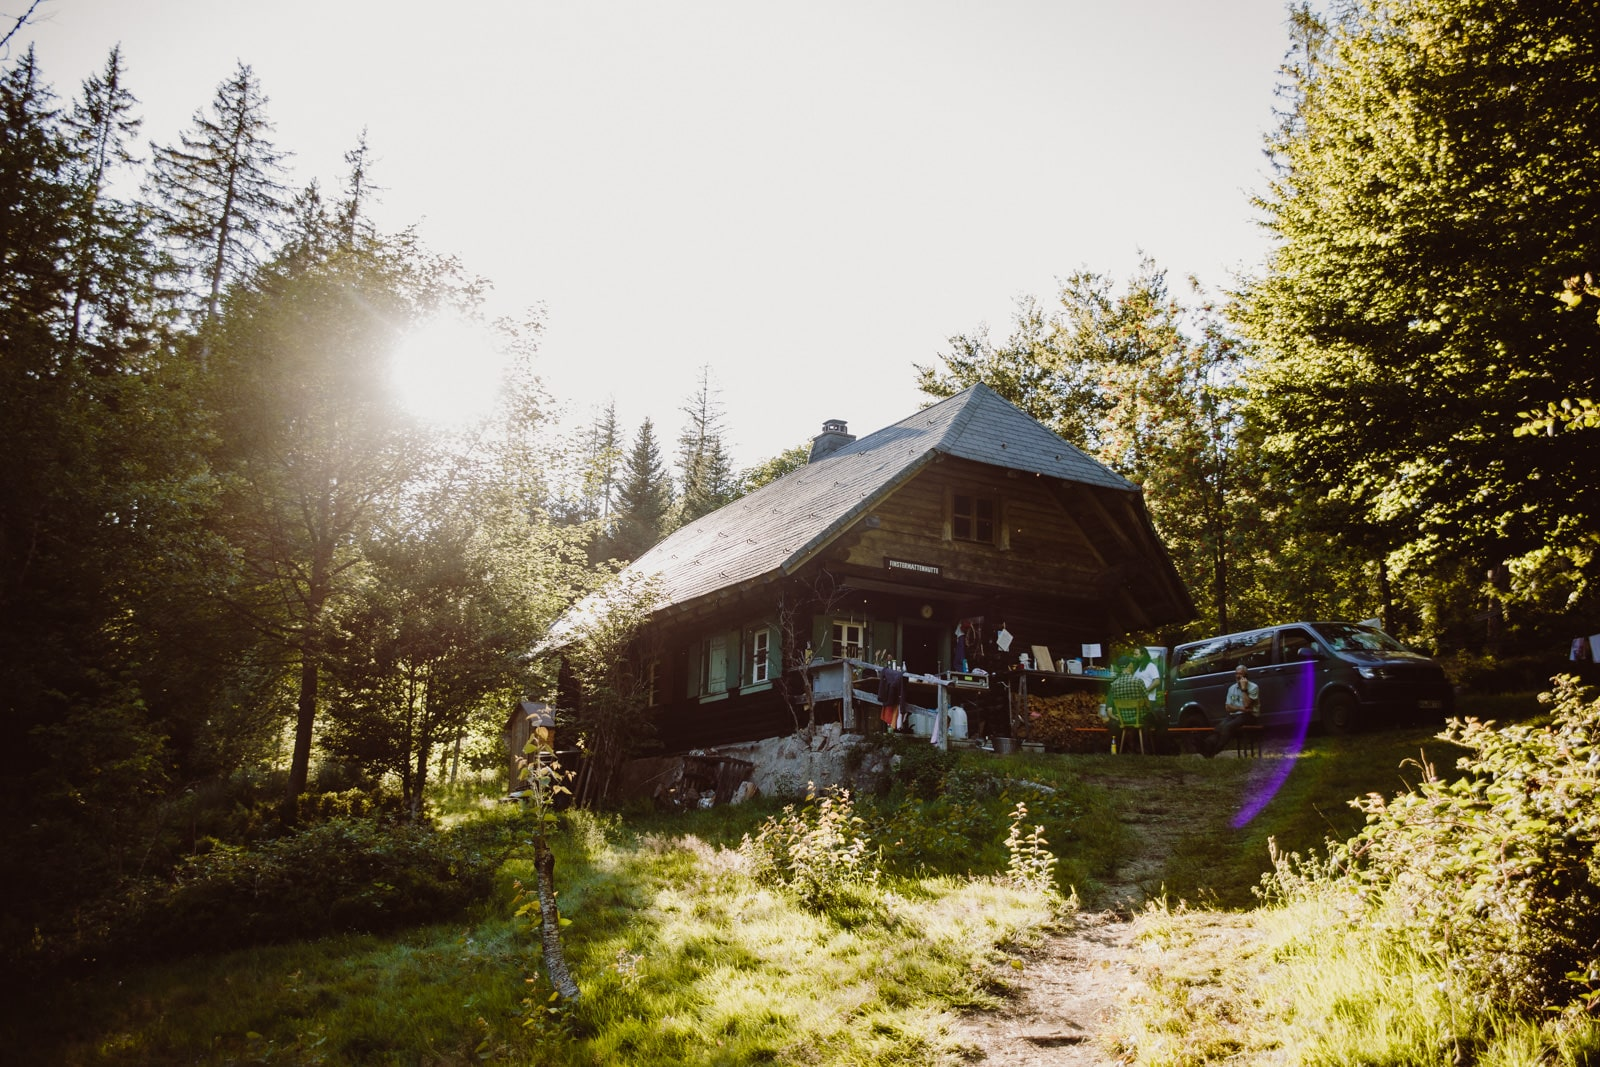 Finstermattenhütte in Triberg, Schonach im Schwarzwald in der Abendsonne